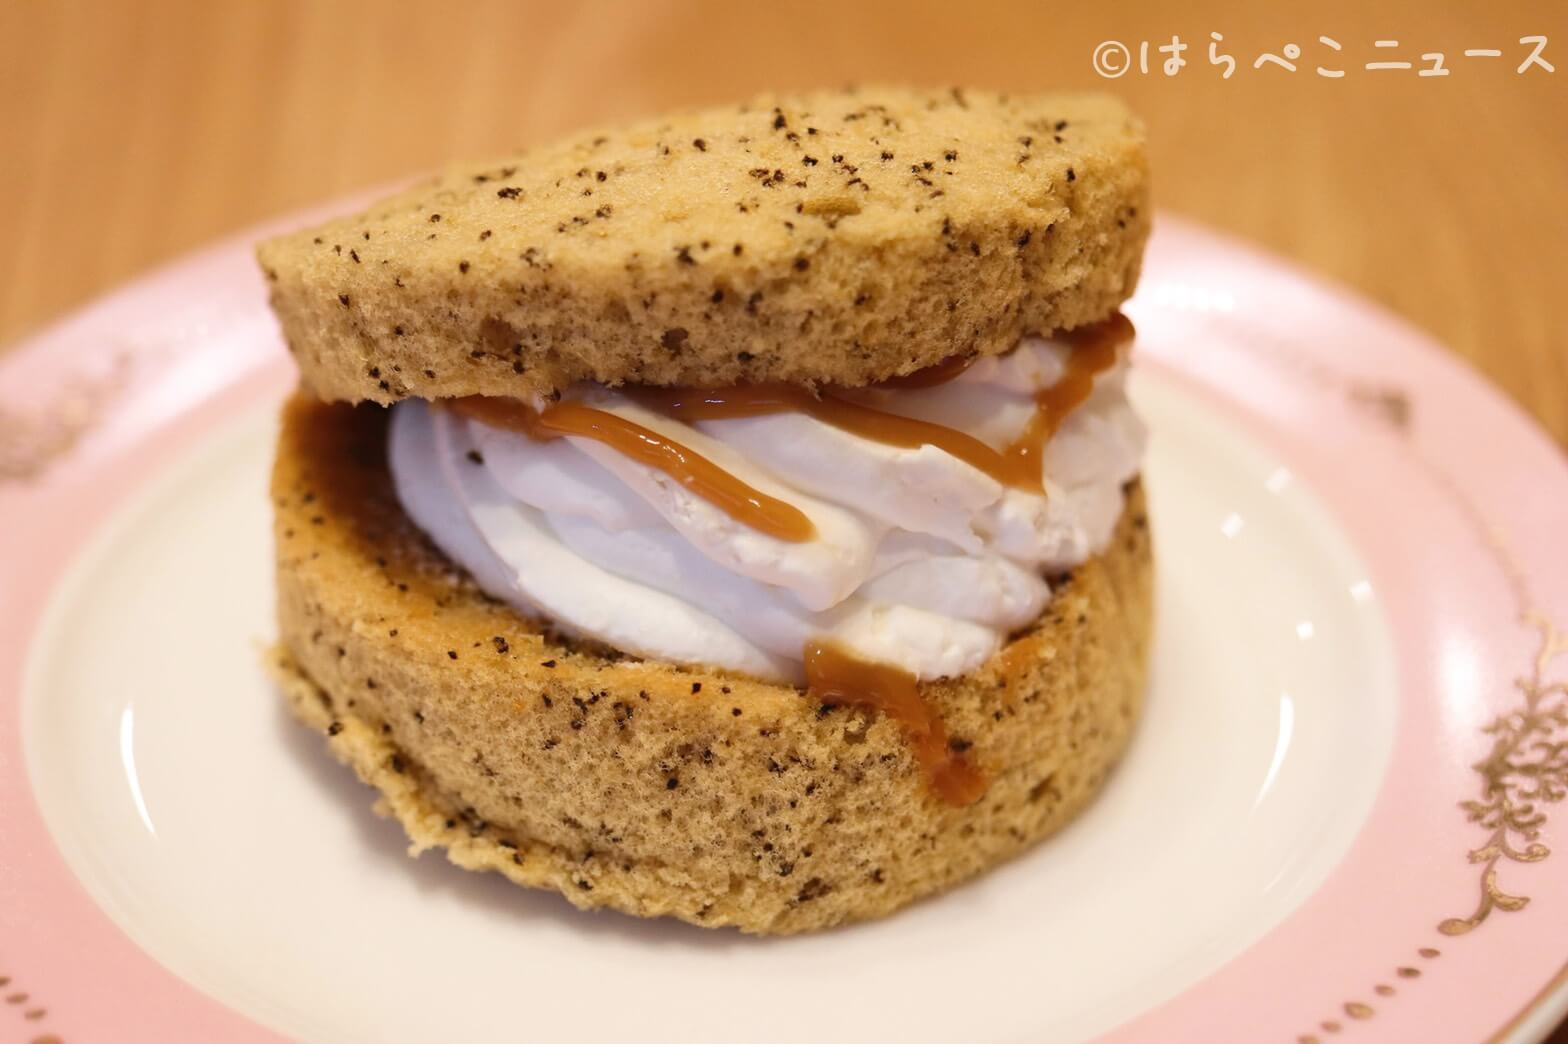 紅茶 シフォン ケーキ